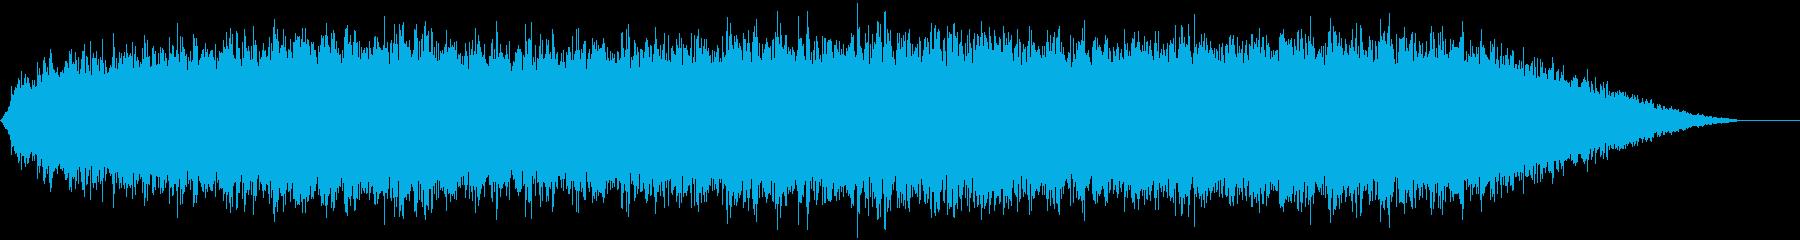 ディープサブ付きステディベルトーン...の再生済みの波形